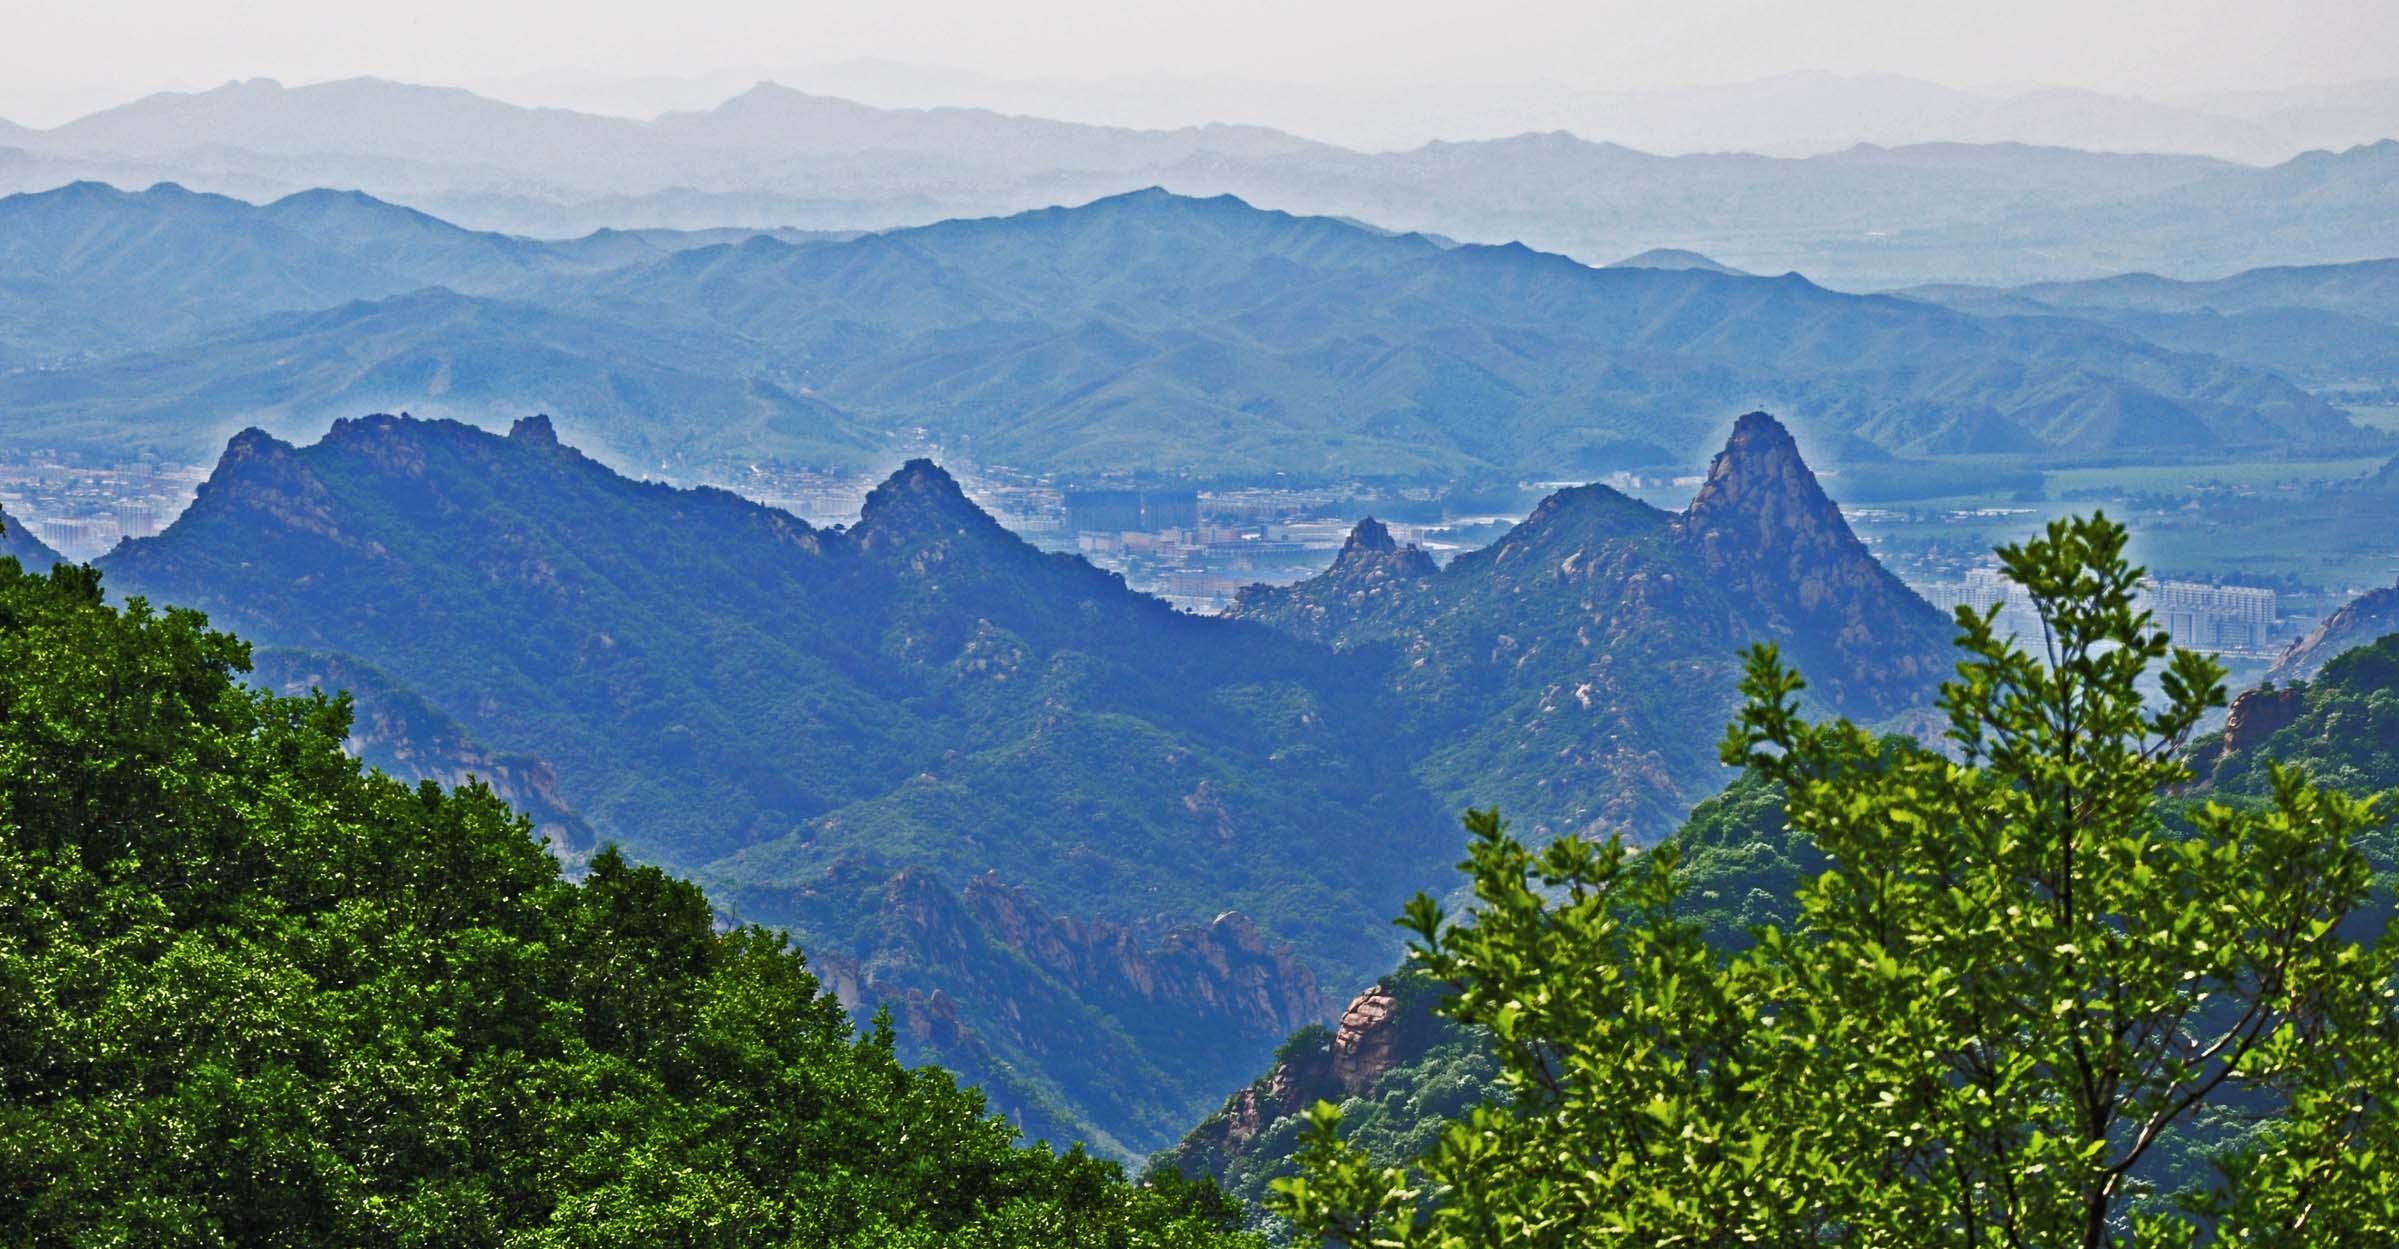 白狼山原名大黑山,位于建昌城东10公里,总面积93平方公里,主峰高1140.2米,它以绚丽多姿的风光和丰富的森林资源,吸引着众多的游人和一代又一代的建设者,人们赞美它的雄伟、秀丽、富饶,被誉为镶嵌在辽西大地上的一颗绿色明珠,更是继辽阳千山之后的又一省级天然森林资源保护区。 当年魏武帝置身铜雀台,曾命乐师编制了鼓吹曲辞,其中一曲《屠柳城》这样写道屠柳城,功诚难。越度陇塞,路漫漫。北逾冈平,但闻悲风正酸。蹋顿授首,遂登白狼山。神武幸恝海外,永无北顾患。这是历史上对白狼山的最早记载。 唐代著名边塞诗人高适亦曾